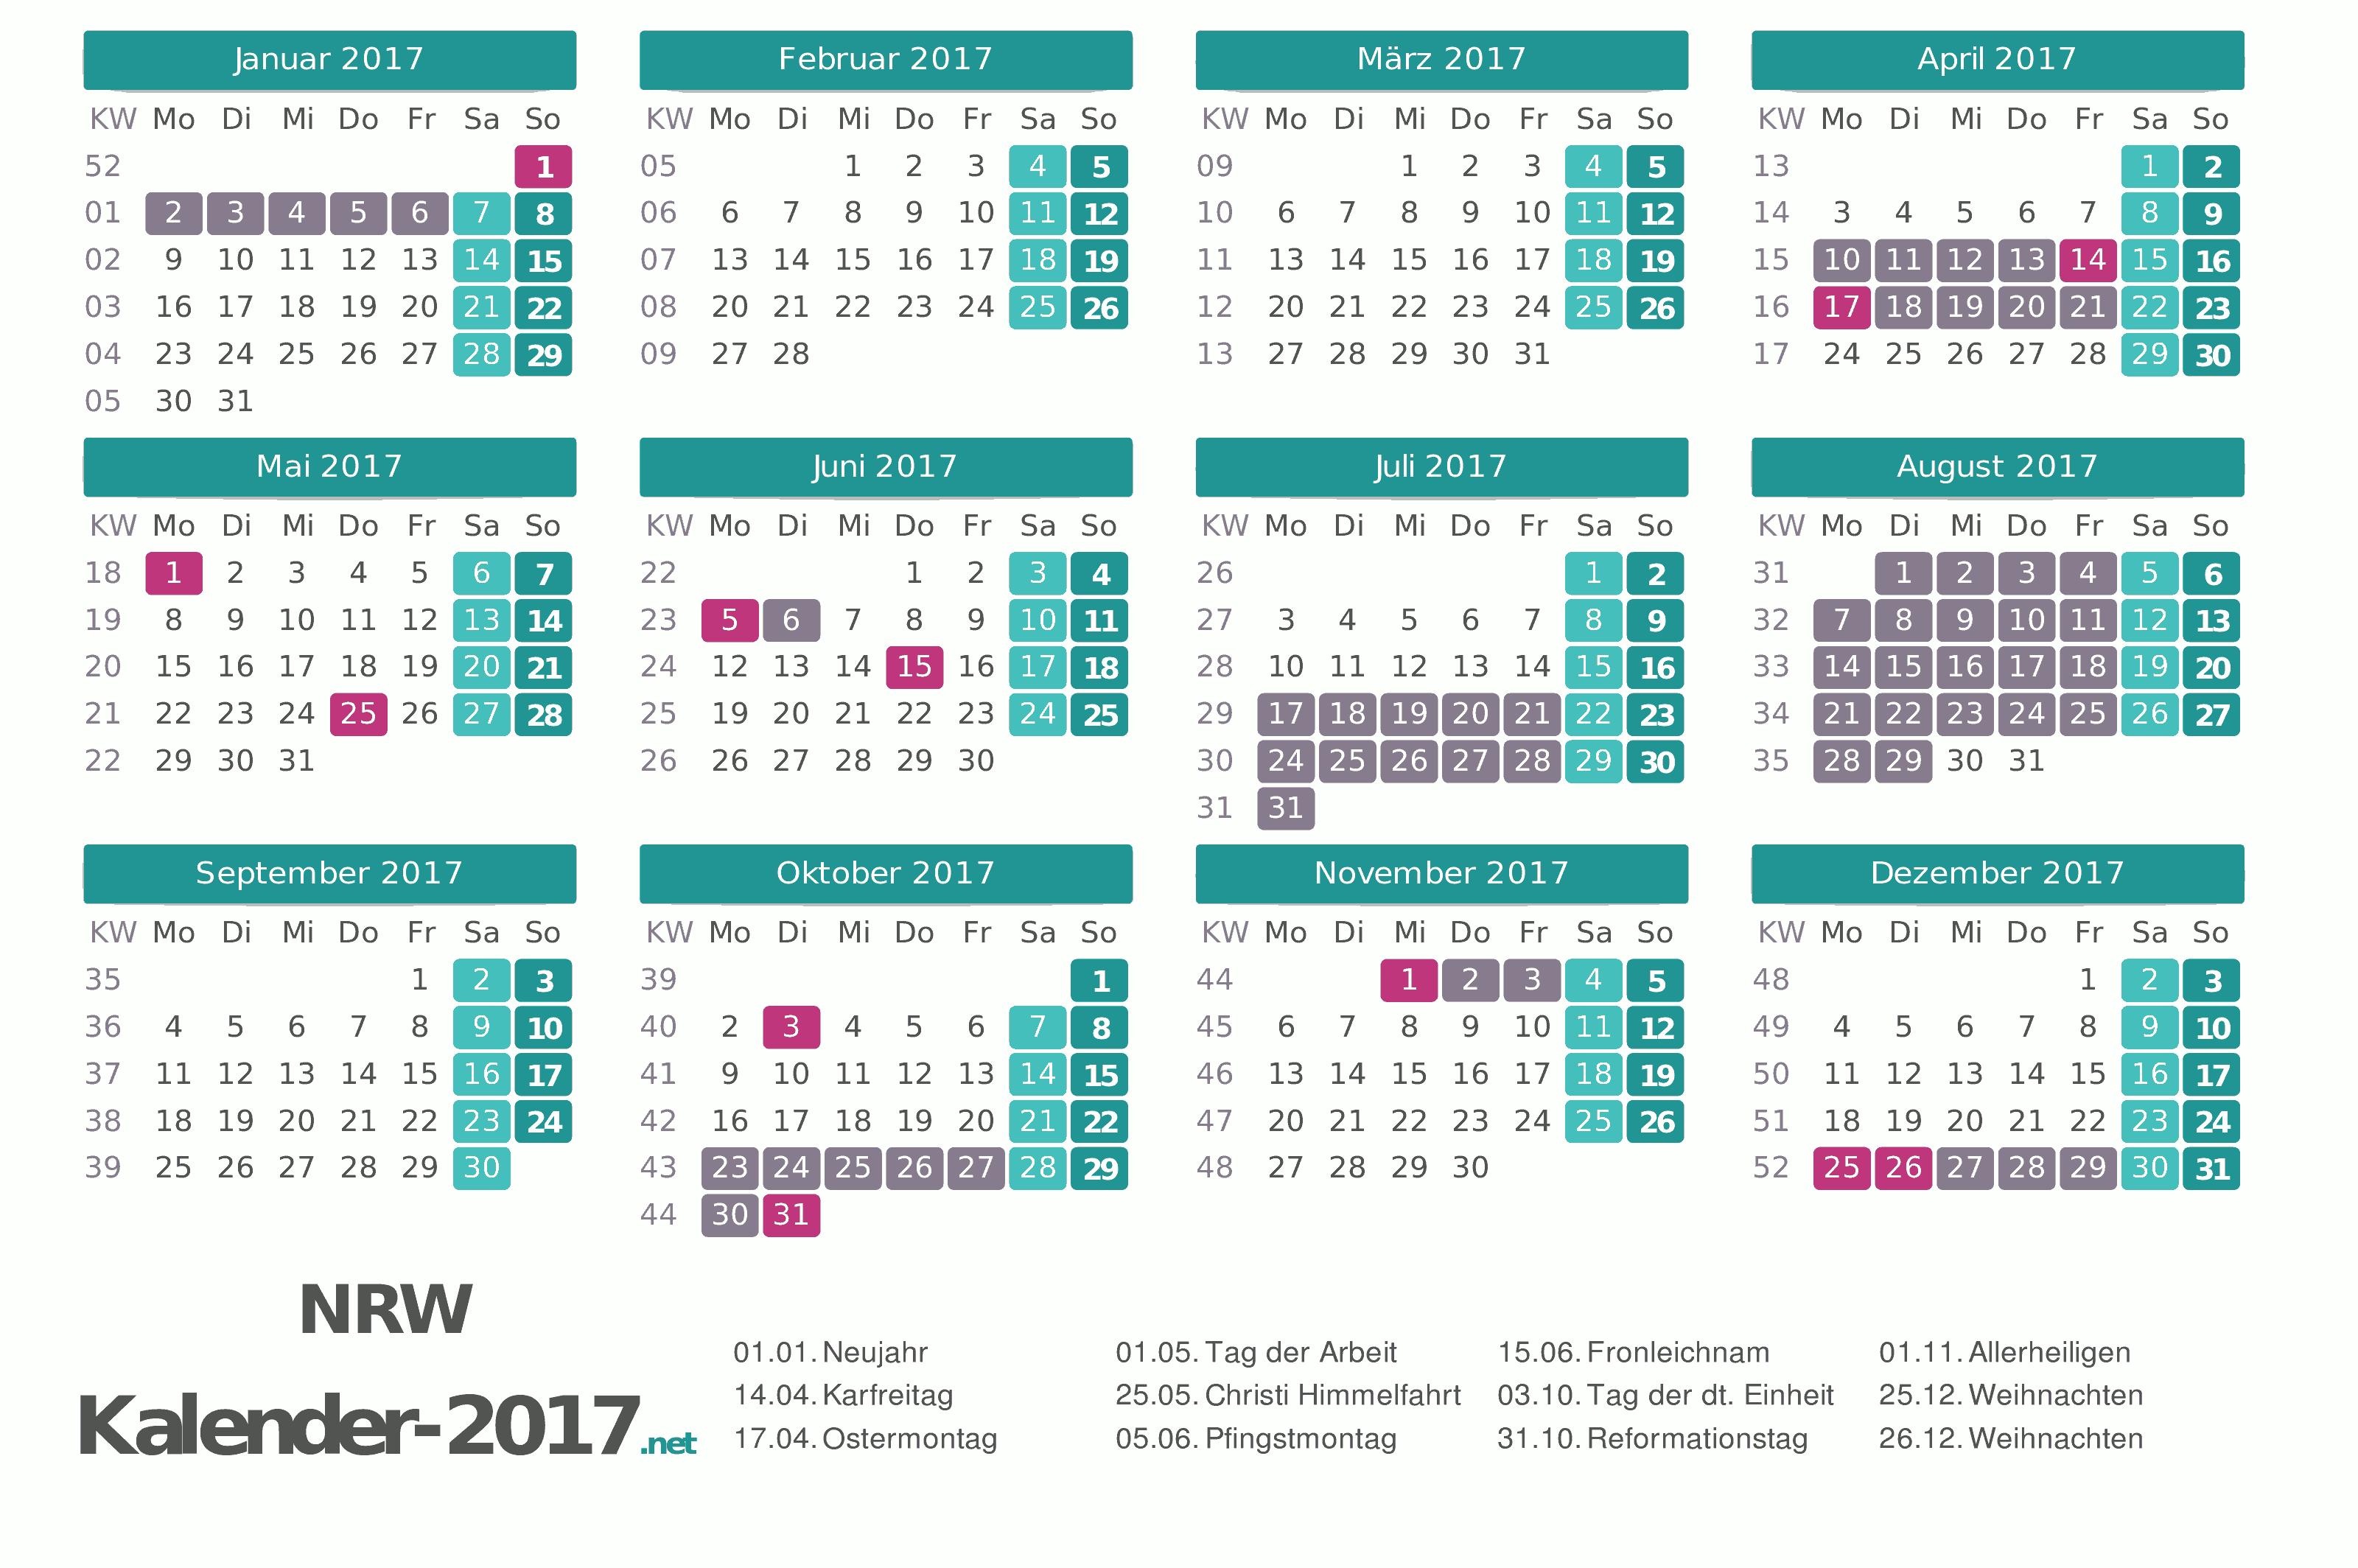 Kalender 2020 nordrhein-westfalen